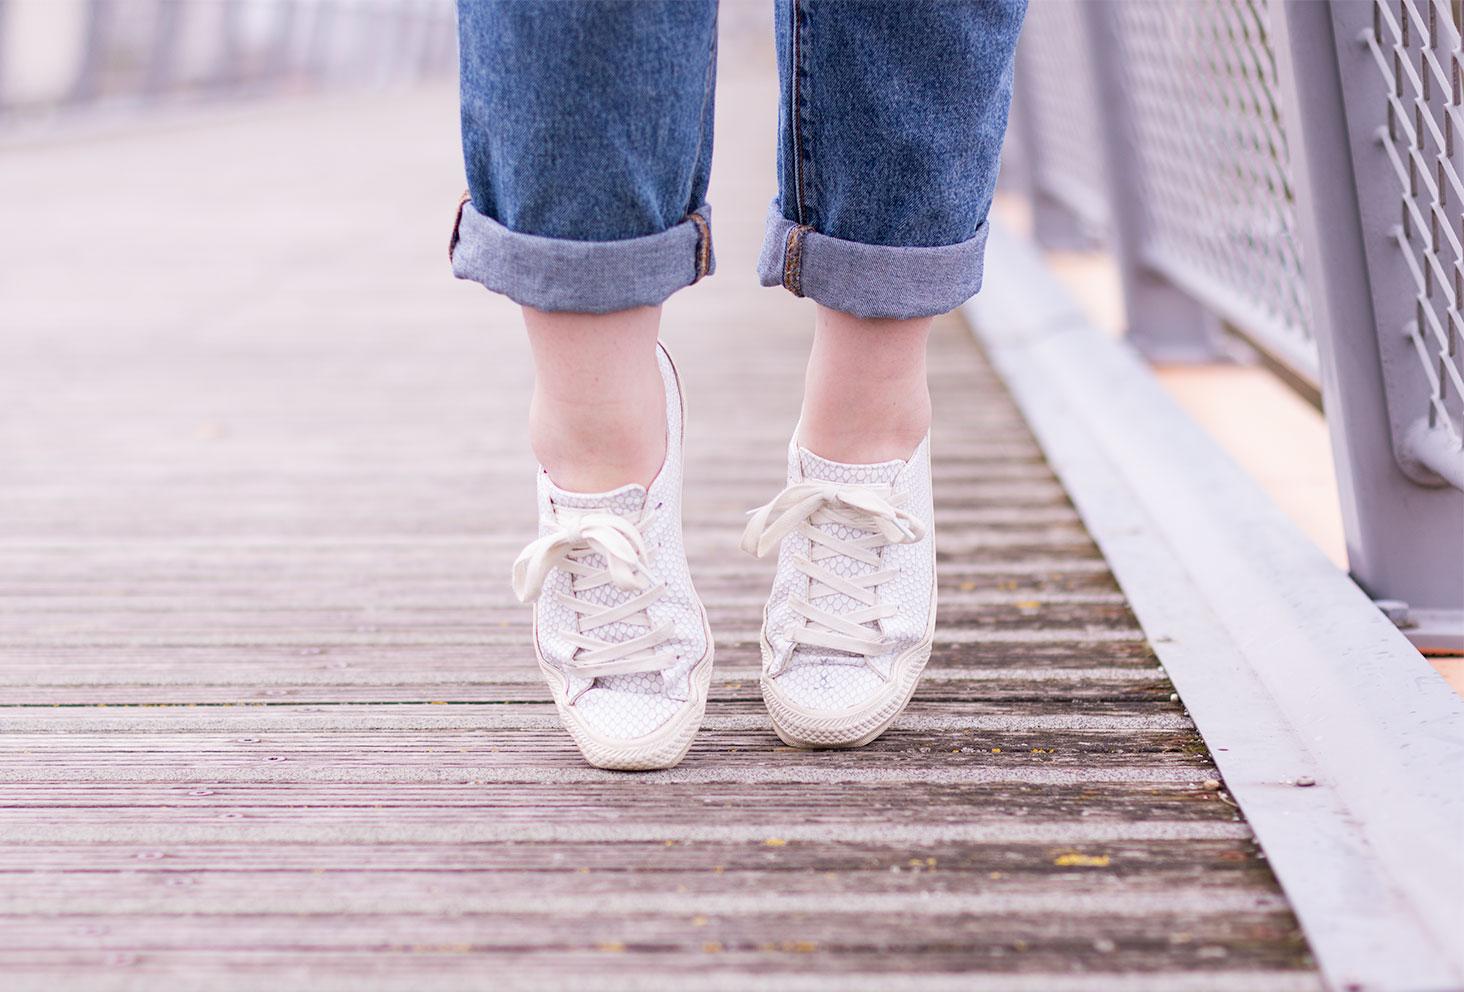 Converse en cuir grises sur la pointe des pieds sur un pont en bois et en métal